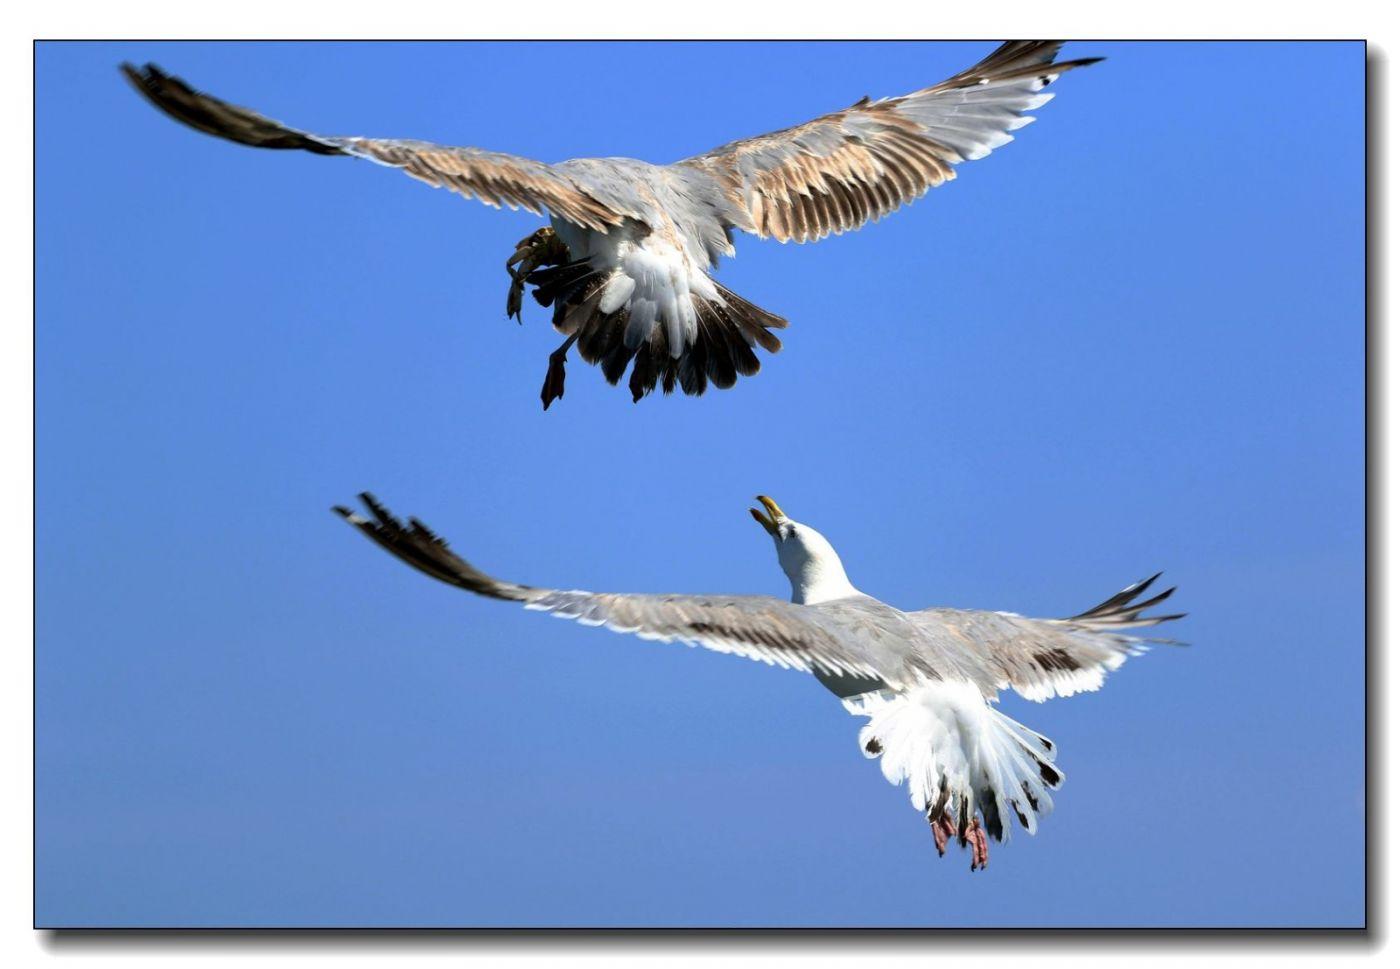 洛克威海滩拍鸟-银鸥_图1-1